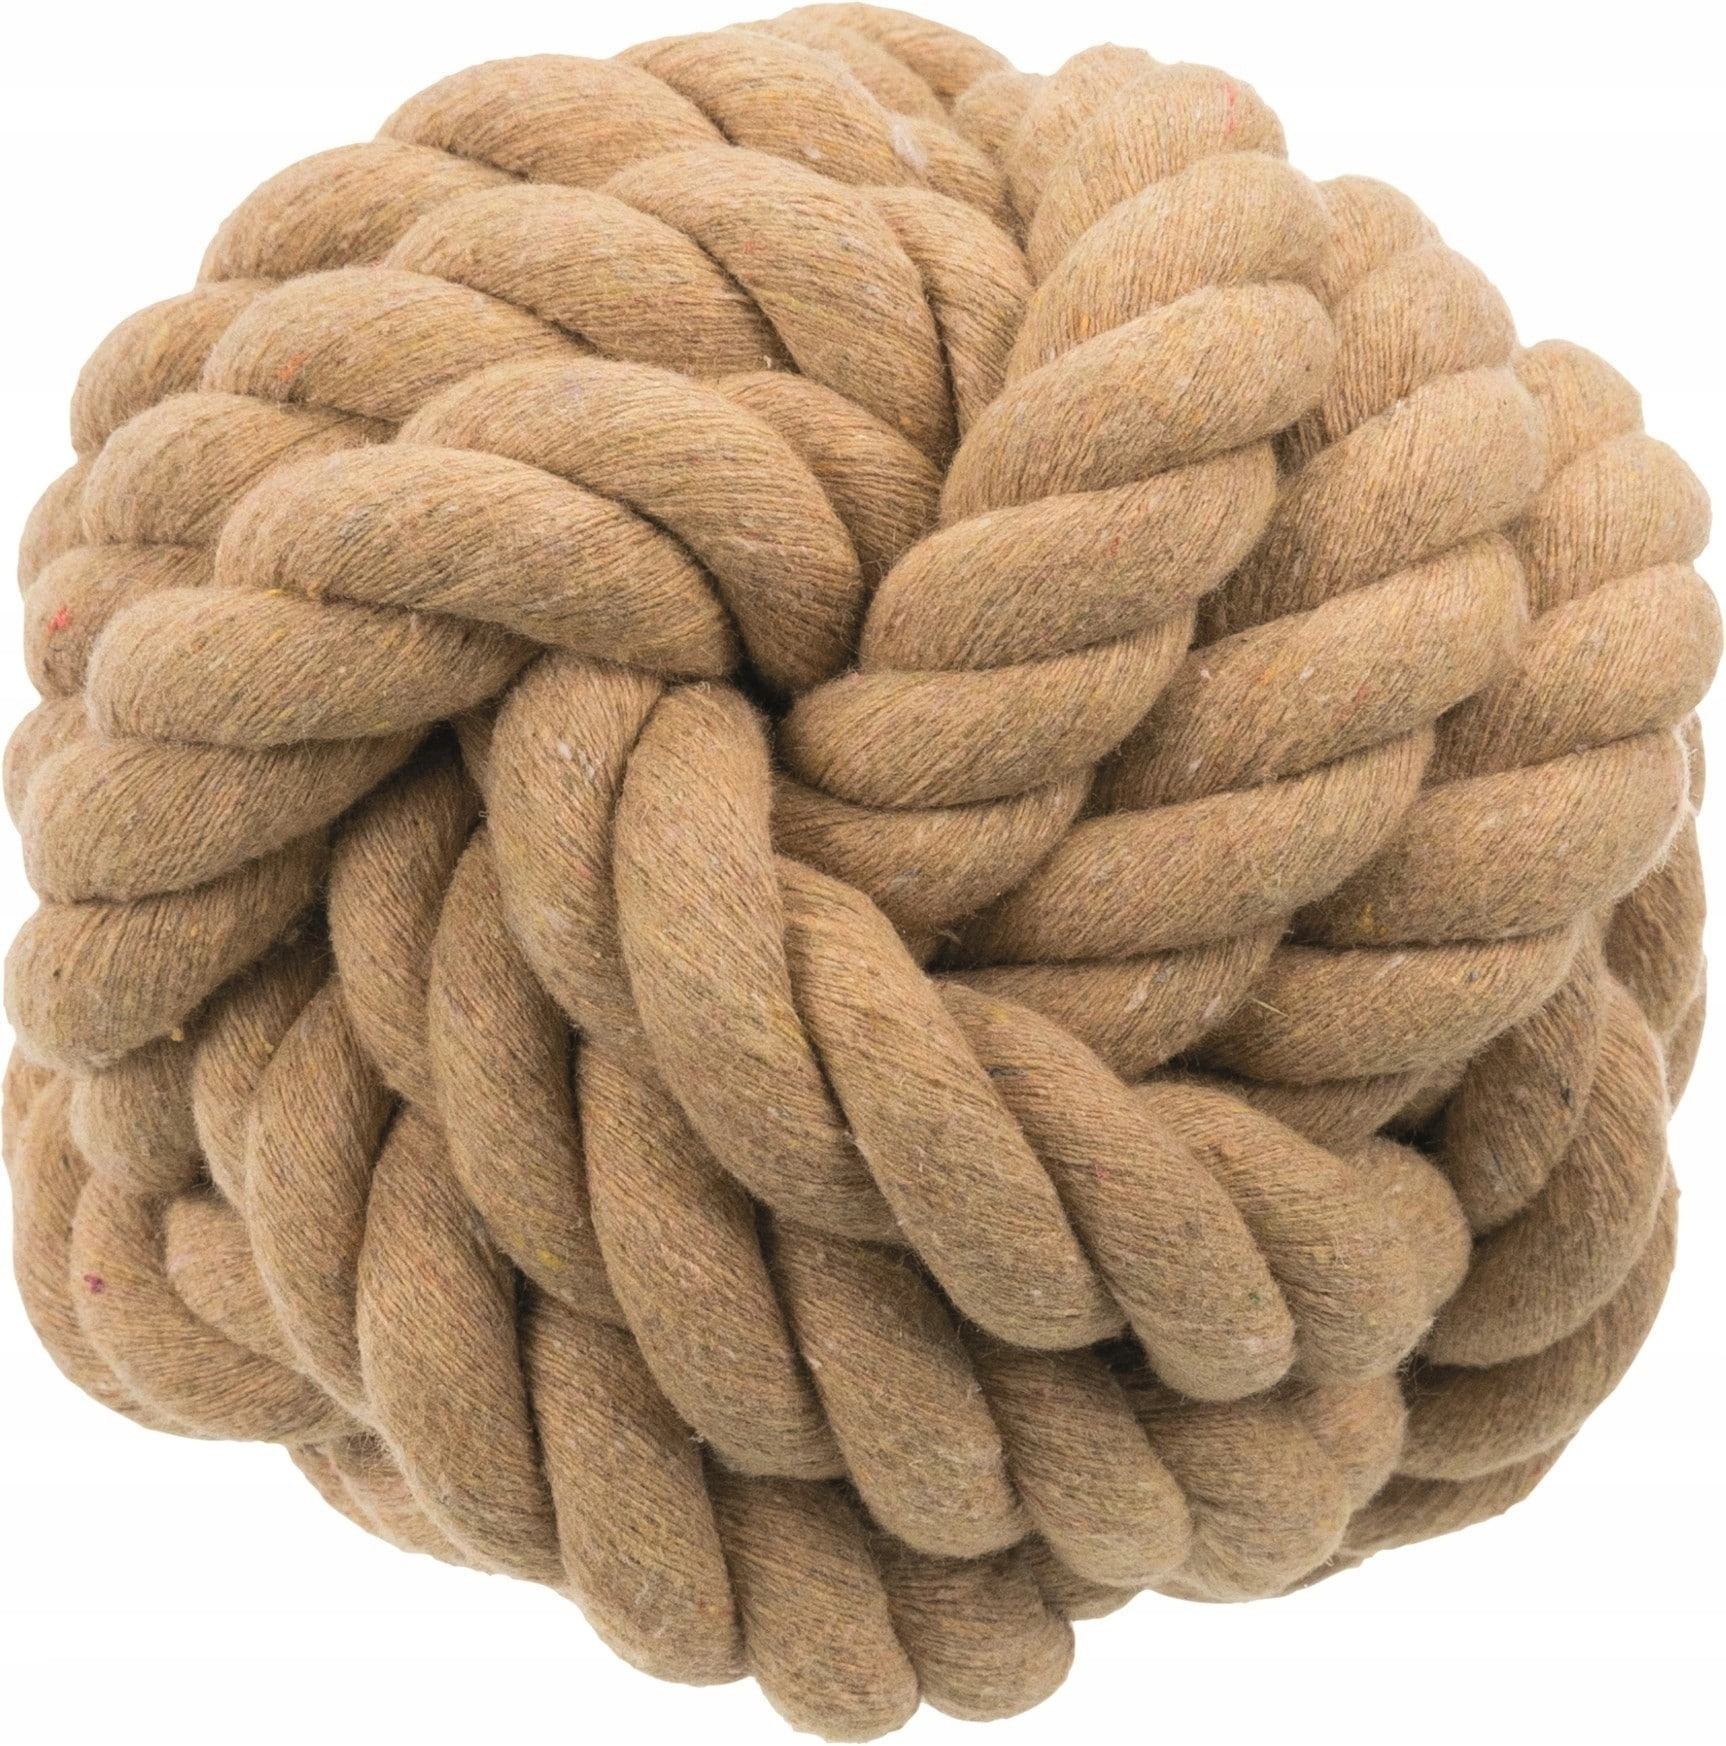 Piłka sznurowa Be Nordic, o 18 cm - 4 zdjęcie